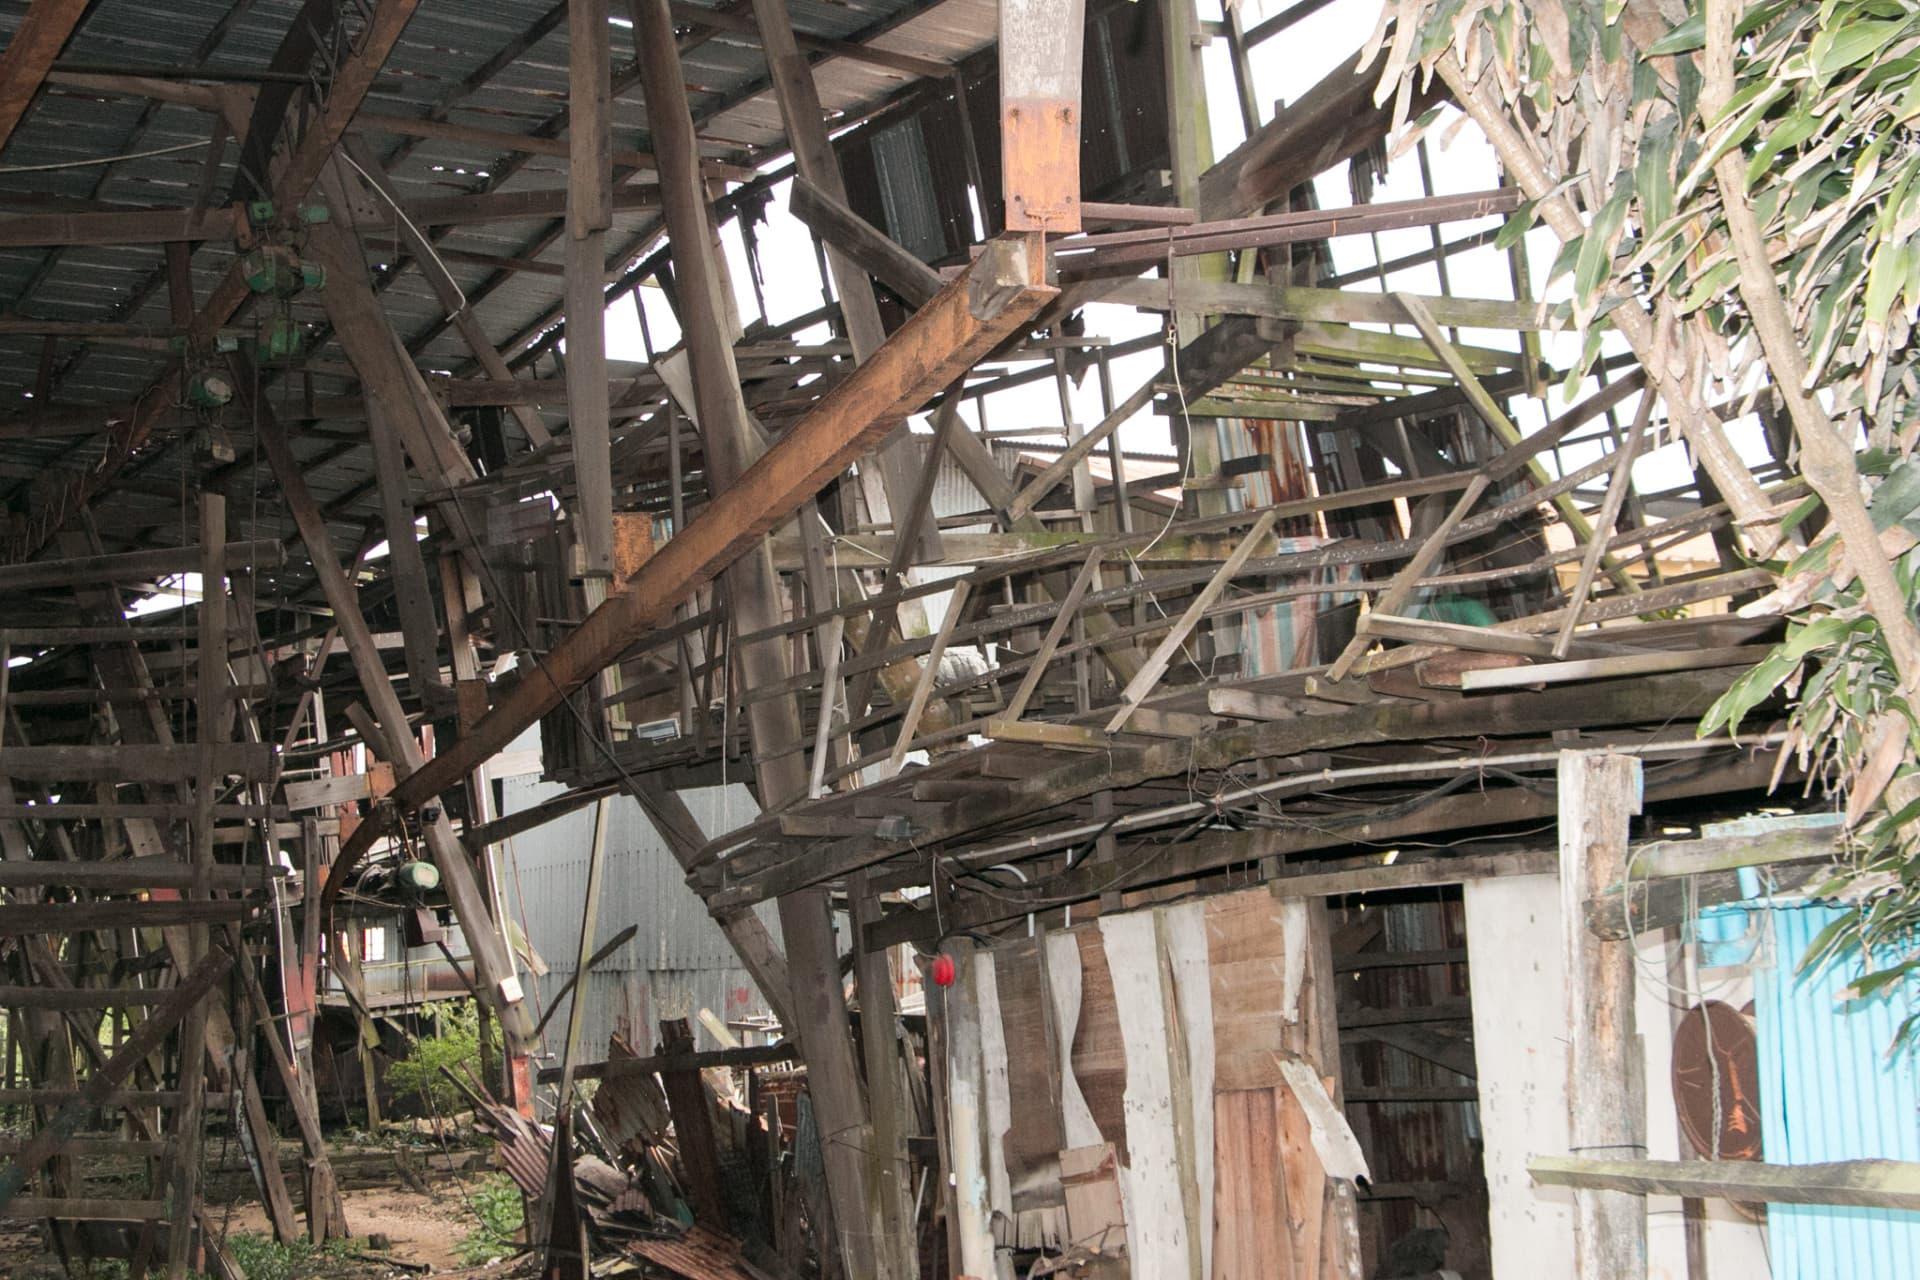 船廠內用木材搭建的平台已扭曲變形